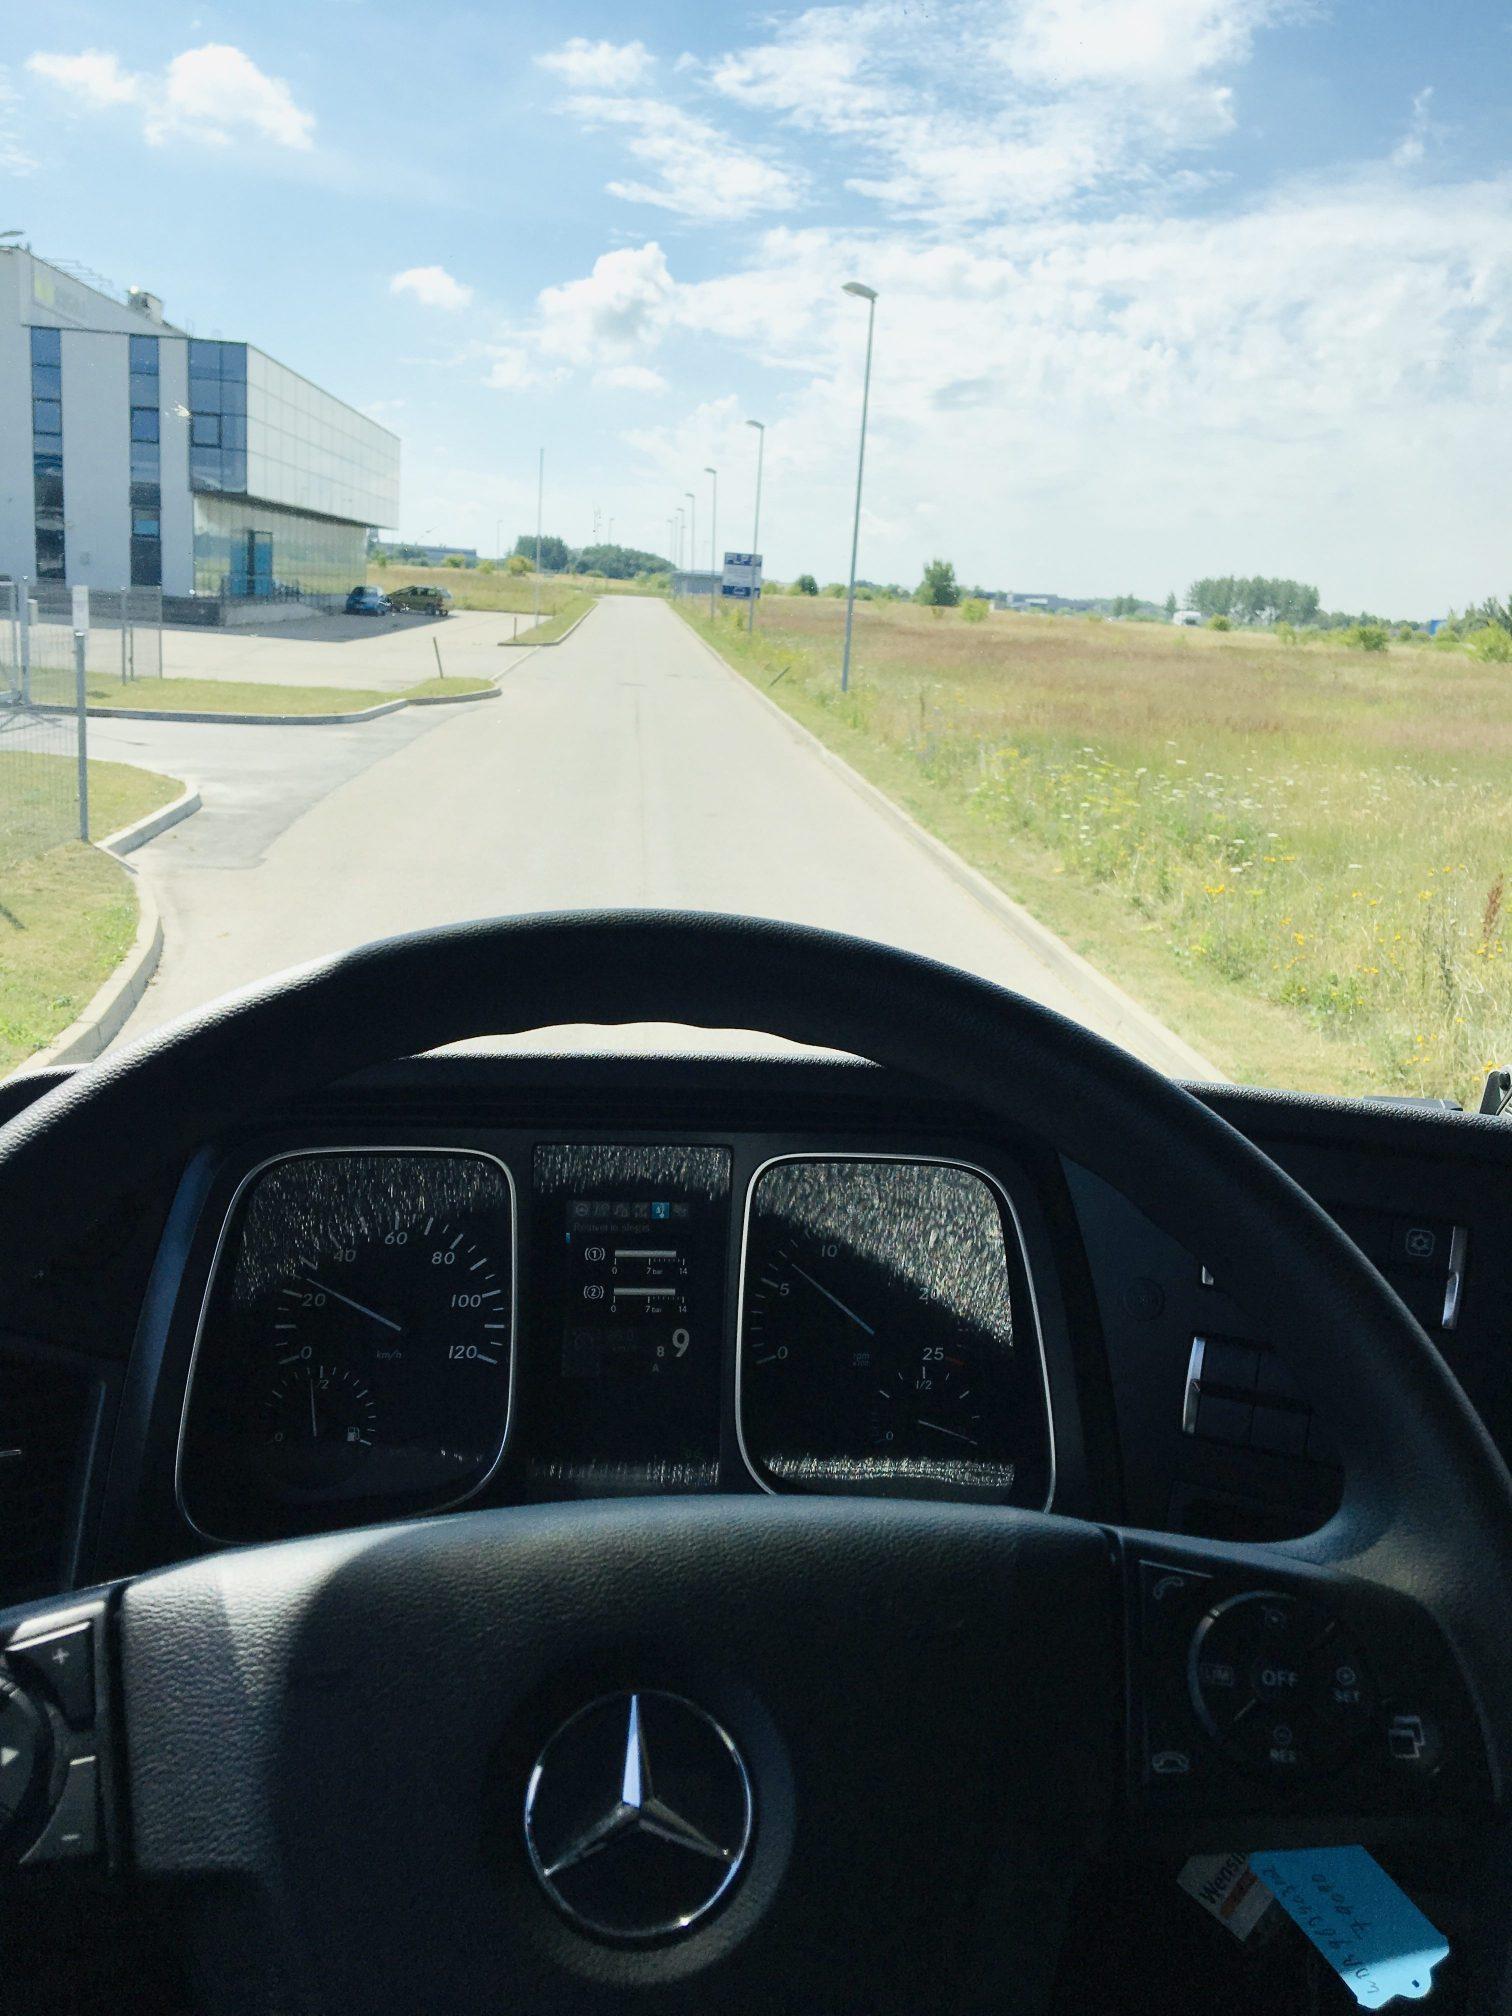 Darbas tolimųjų reisų vairuotojams